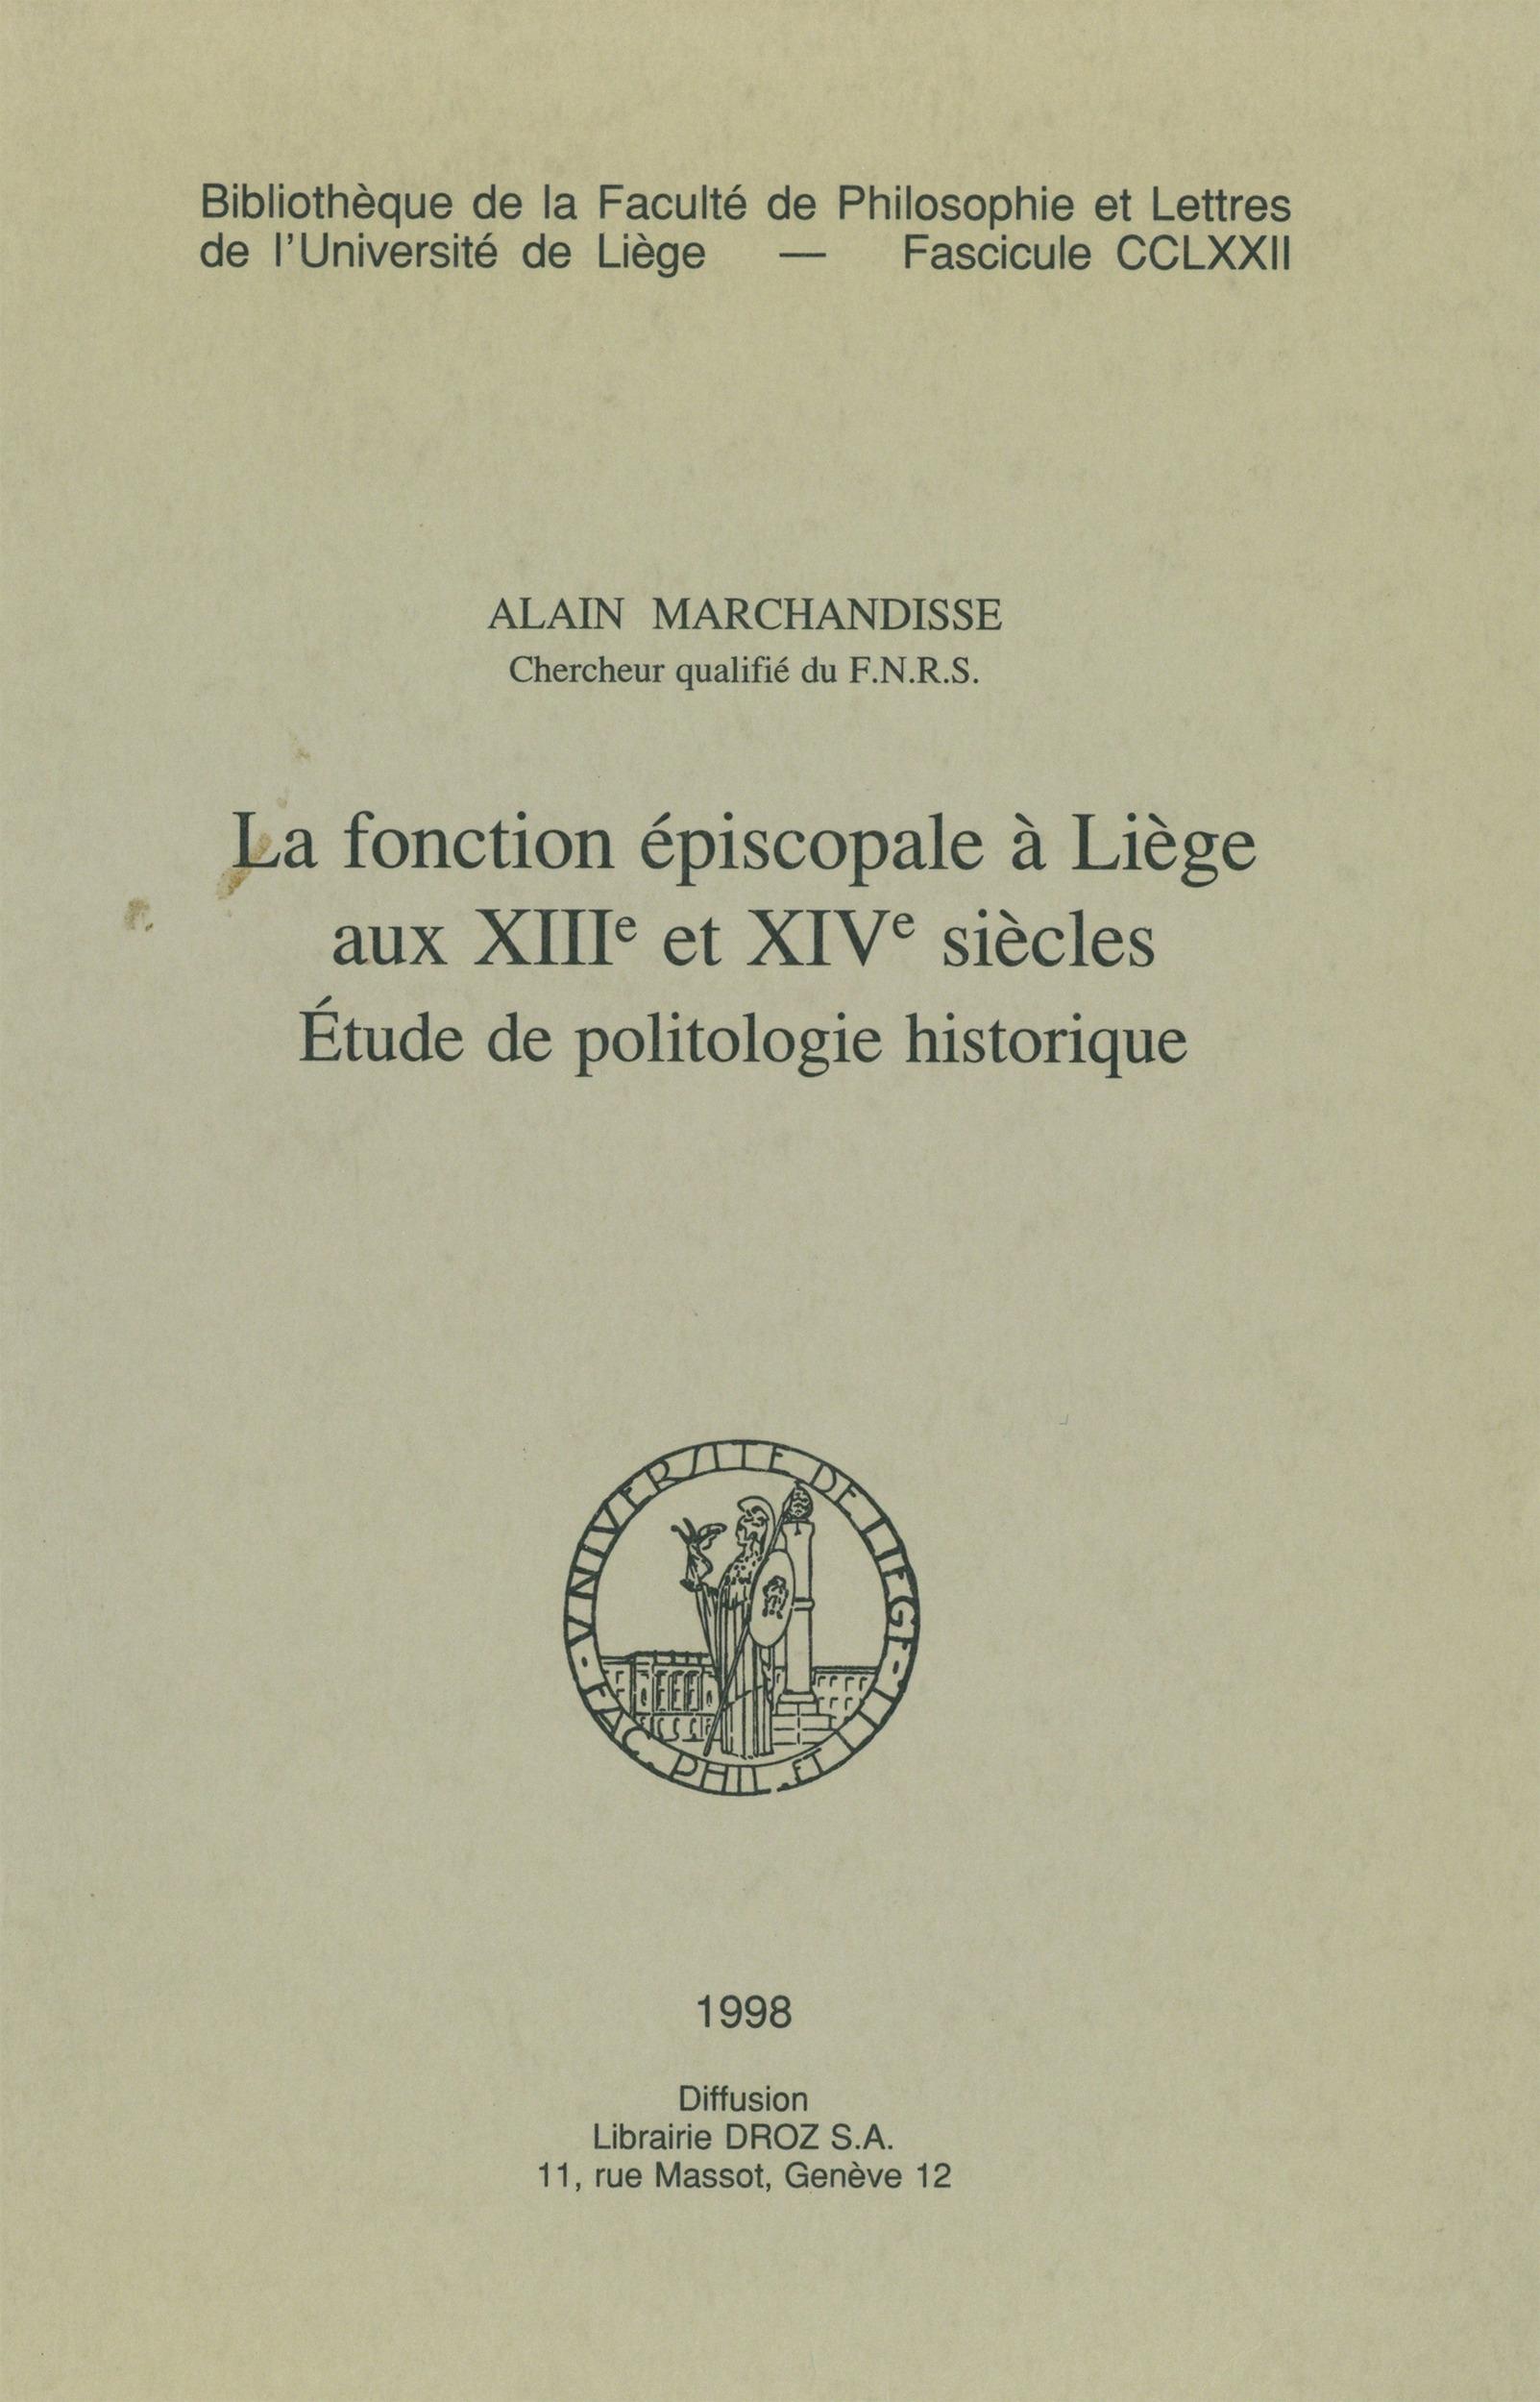 La fonction épiscopale à Liège au XIIIe et XIVe siècles  - Alain Marchandisse